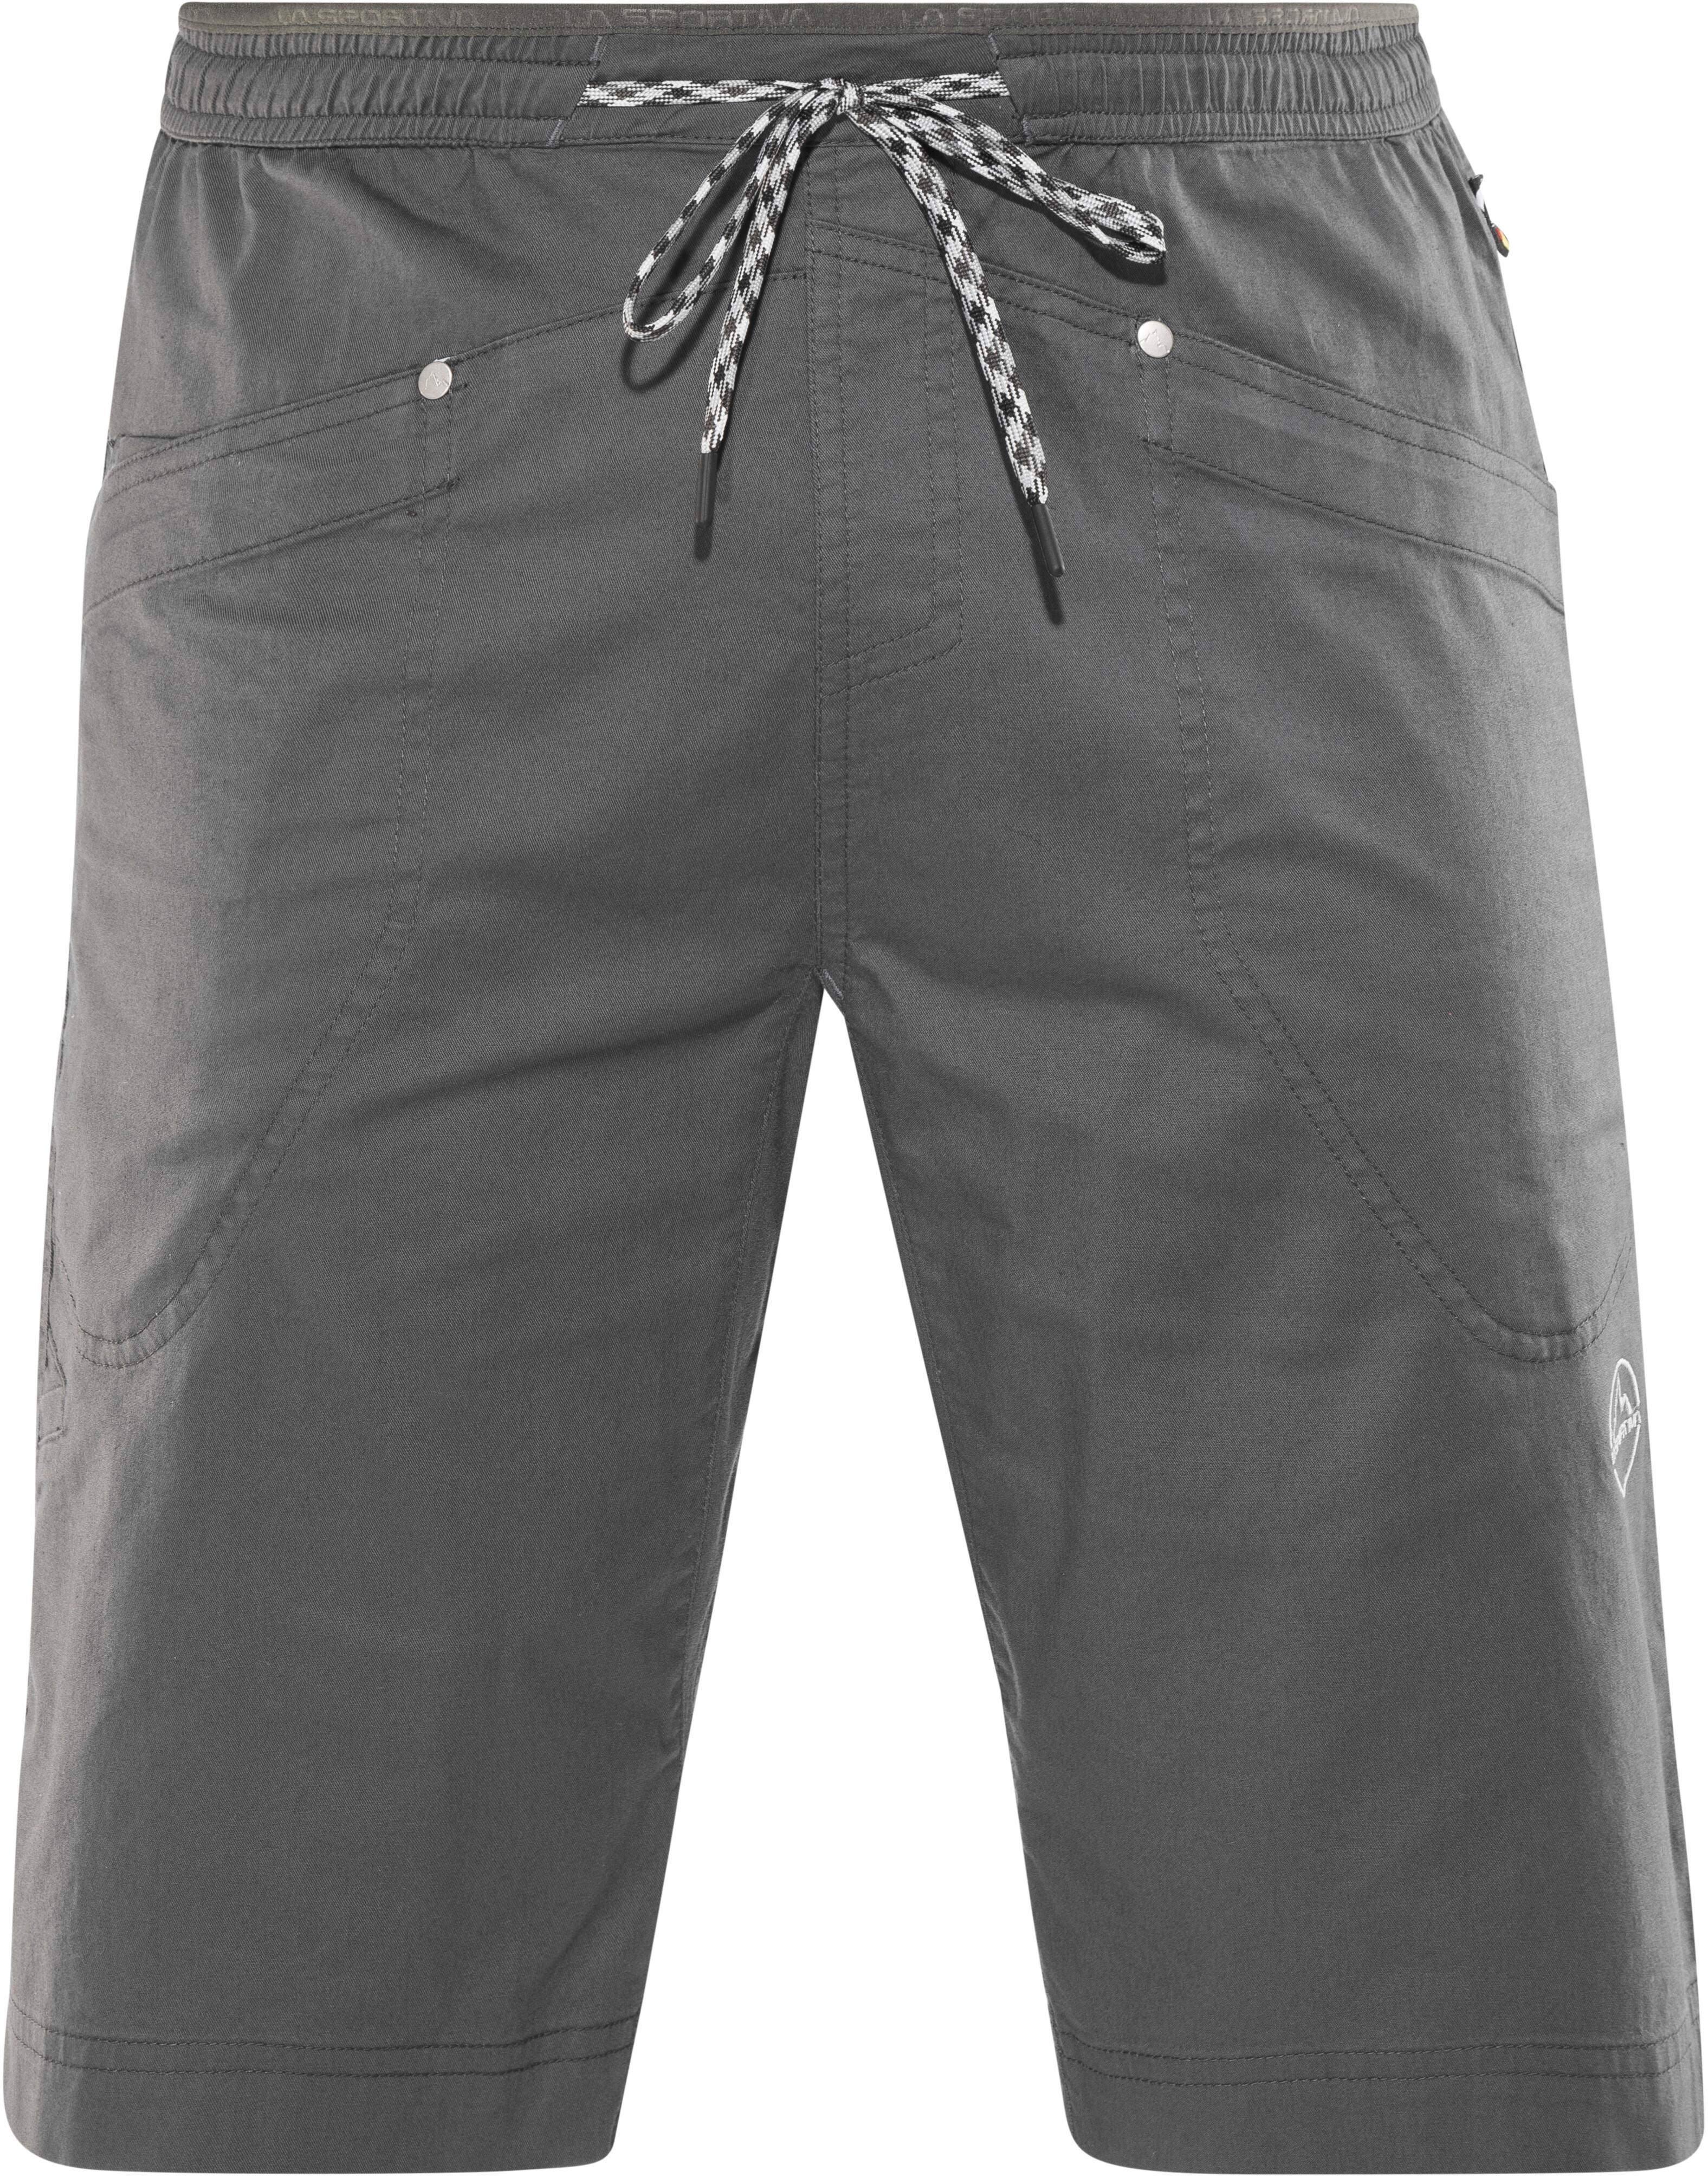 0c519cc84566 La Sportiva Bleauser - Shorts Homme - gris sur CAMPZ !